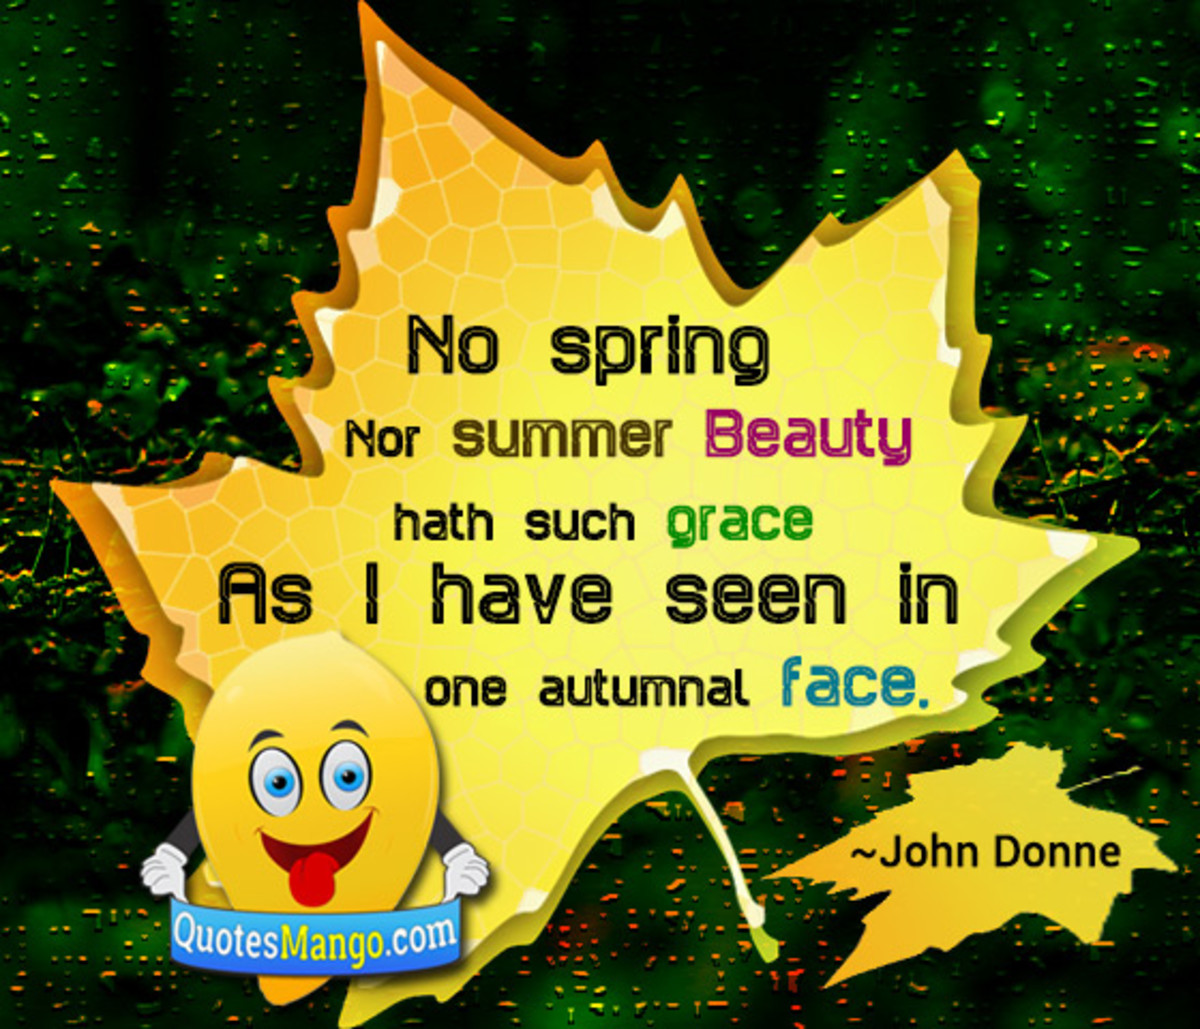 John Donne's Love Poetry